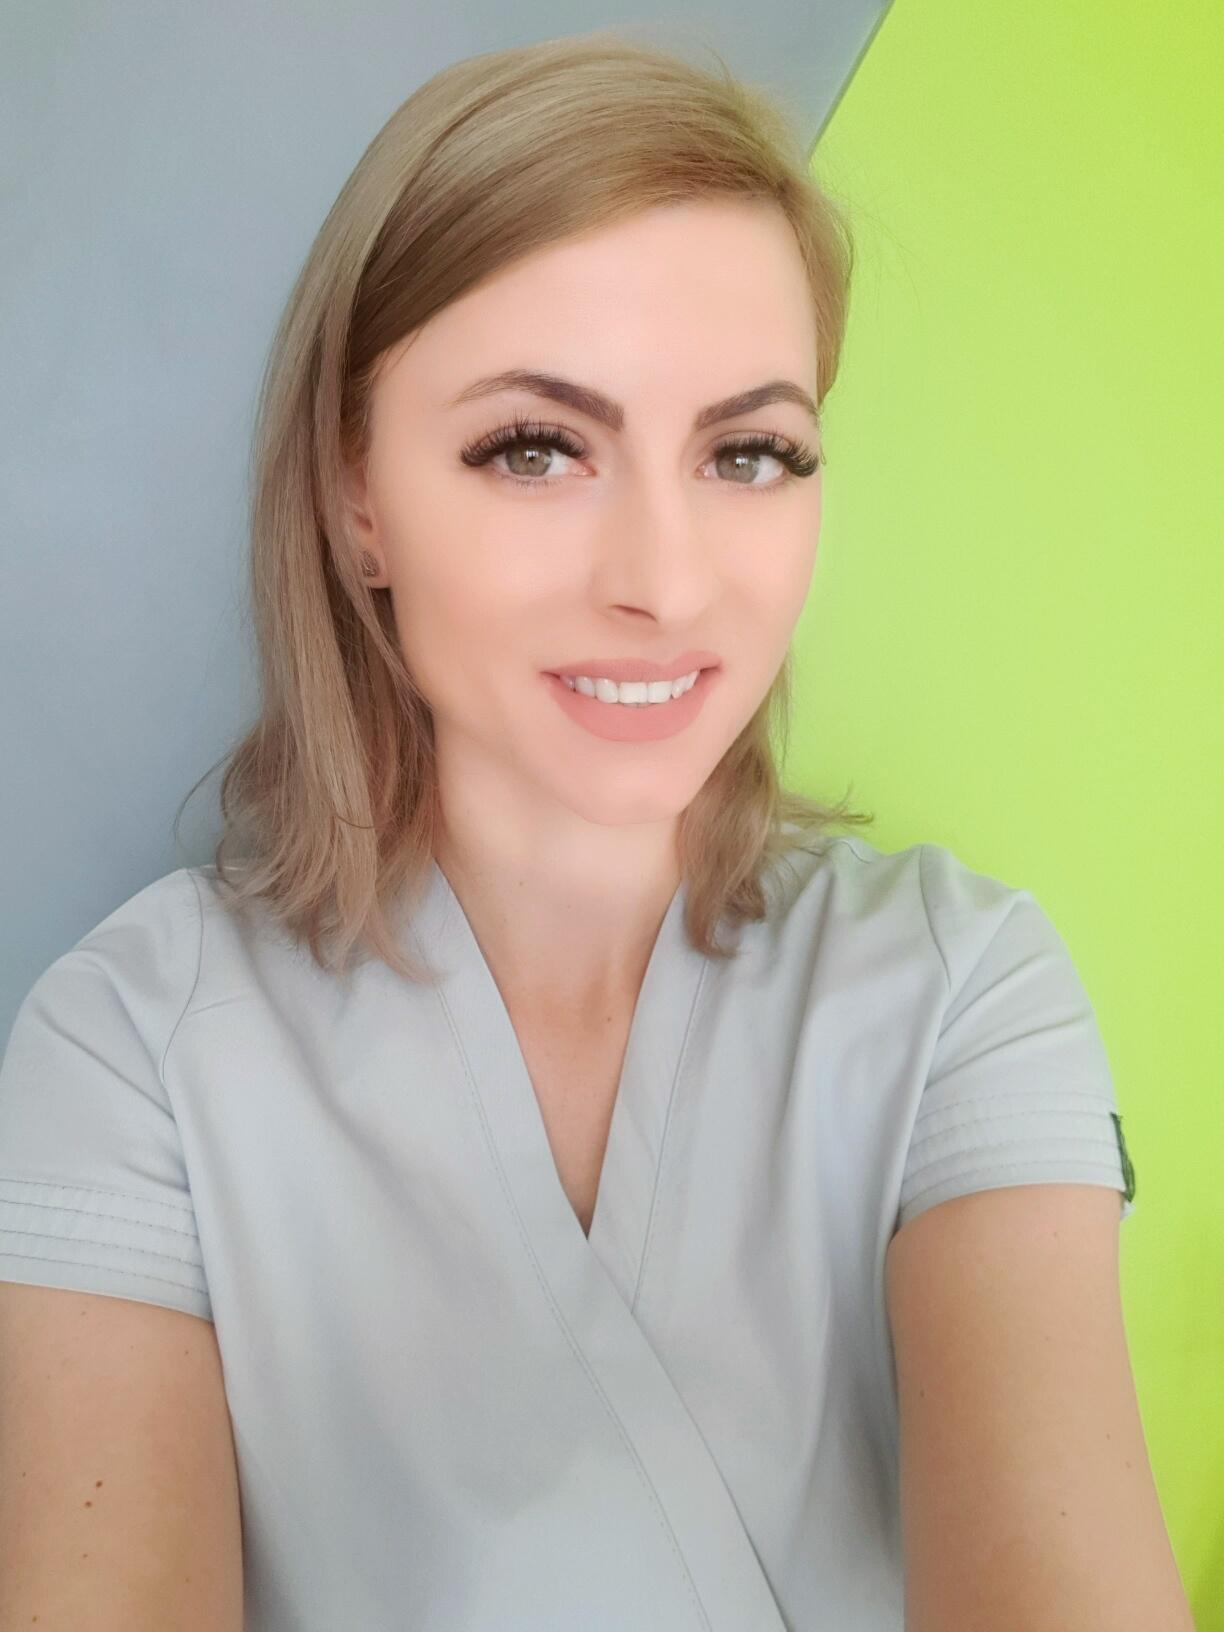 Ioana Petrovic